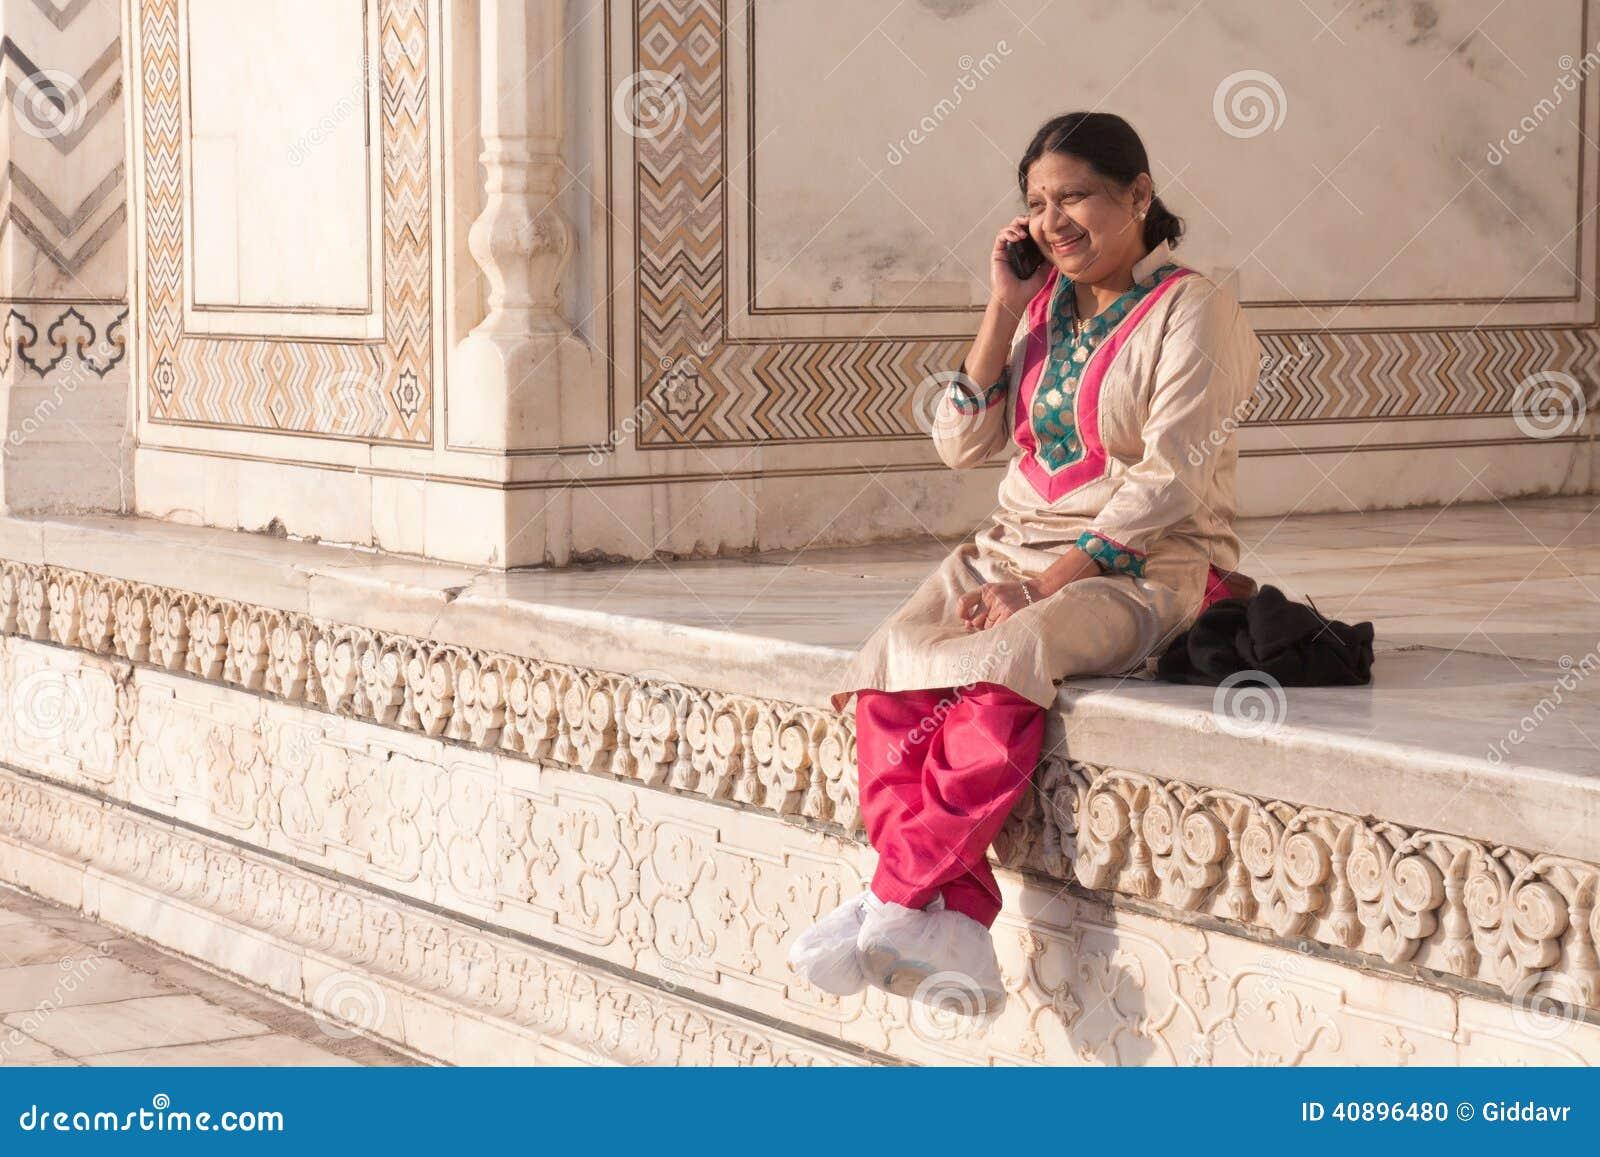 Traditionsgemäß gekleidete indische Frau, die glücklich hellen Morgen Taj Mahal plaudert